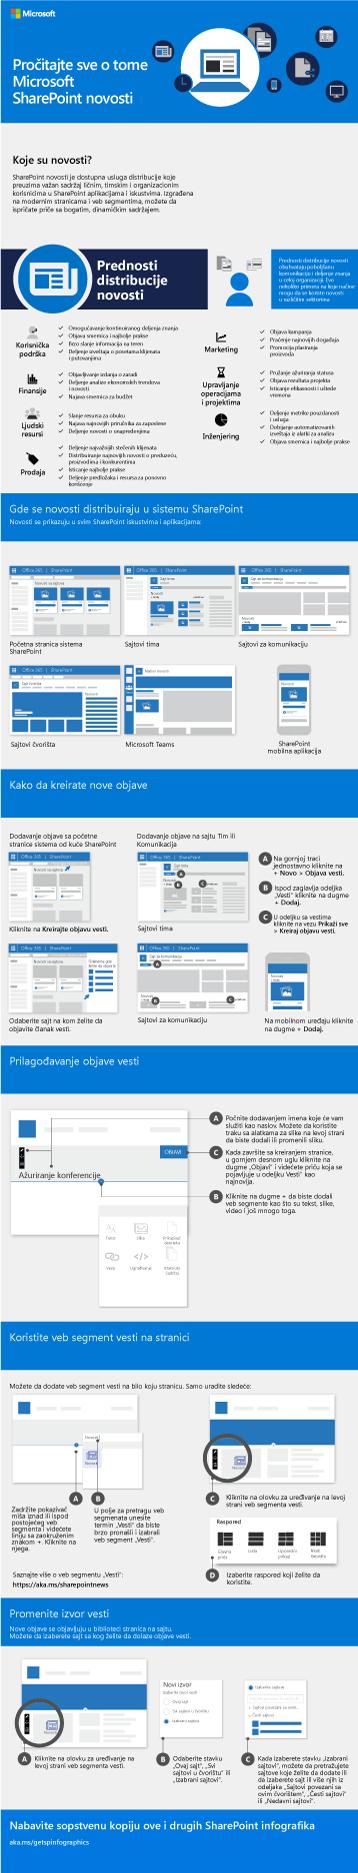 Grafikon sa informacijama o novostima sistema SharePoint